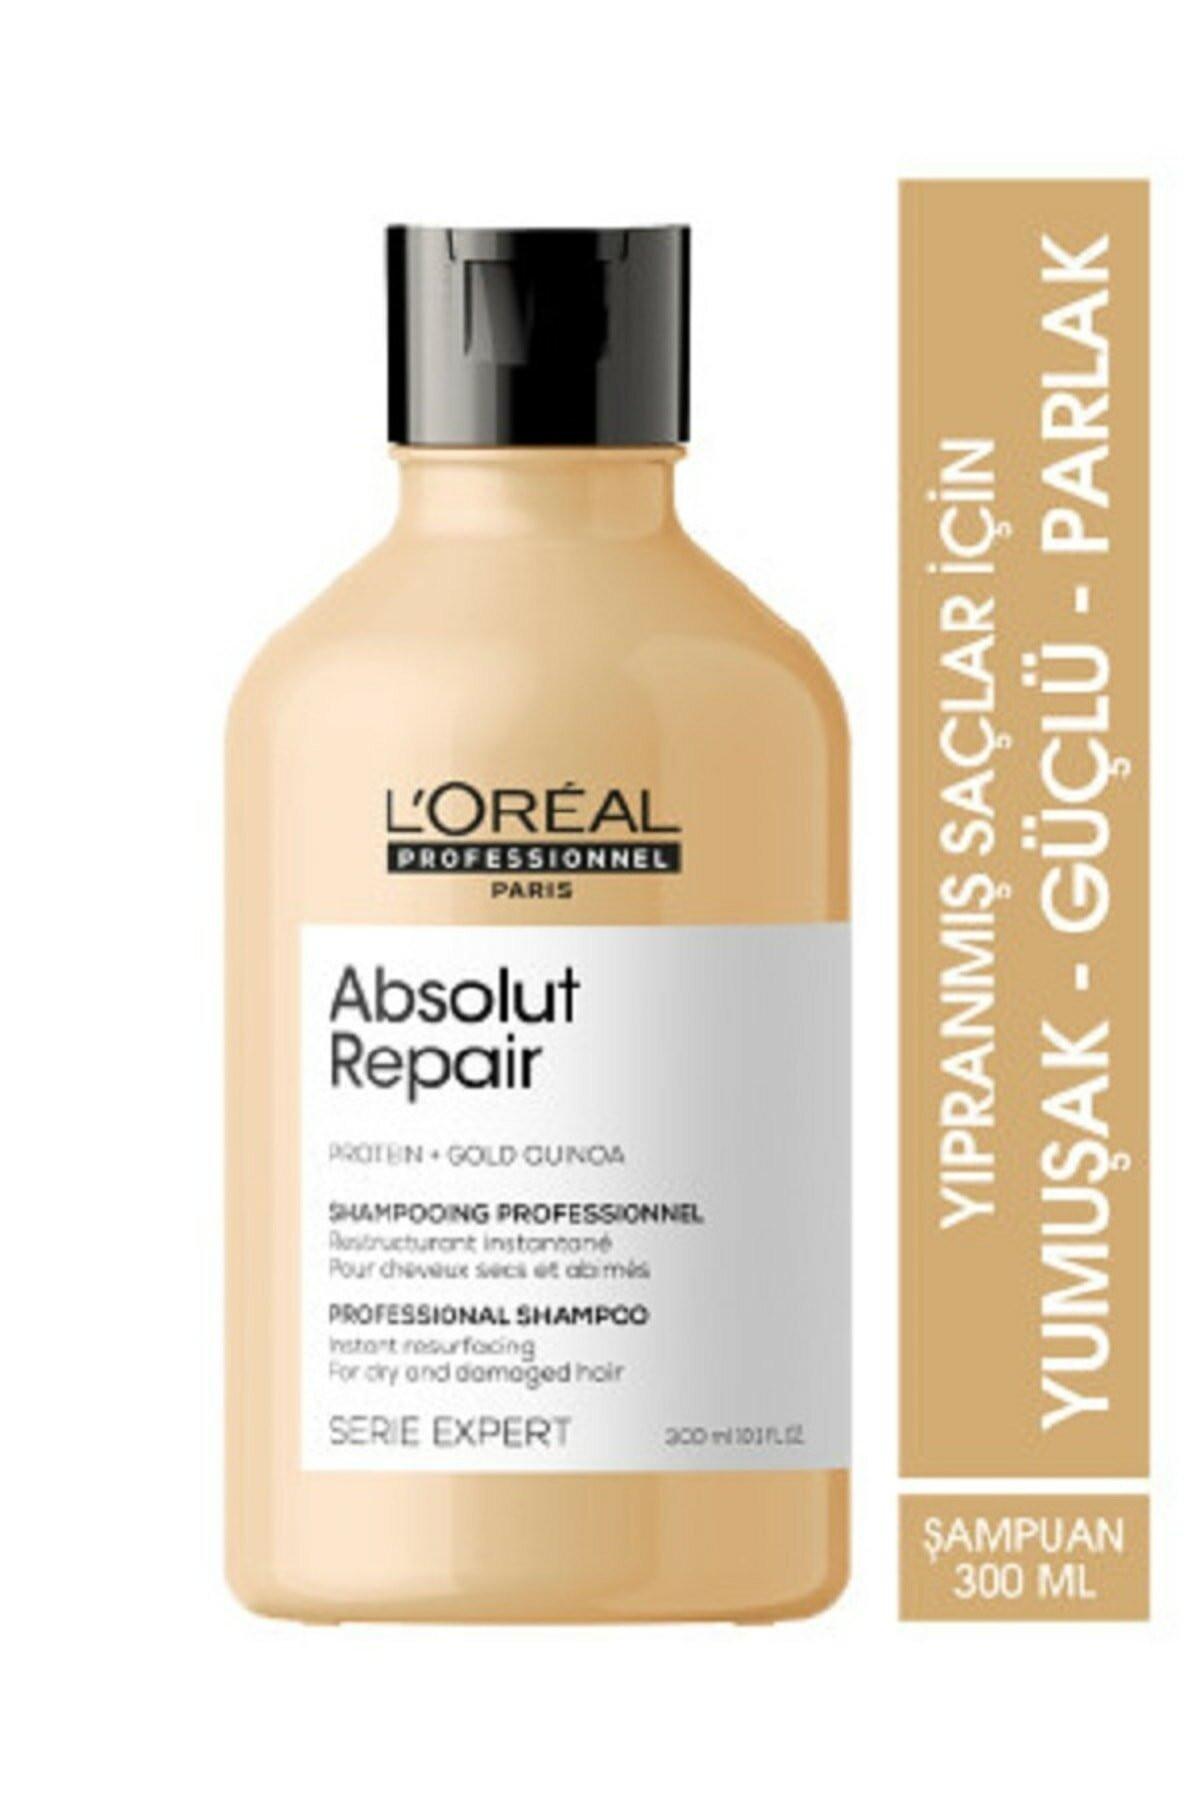 L'oreal Professionnel Serie Expert Absolut Repair Yıpranmış Saçlar Için Onarıcı Şampuan 300 ml